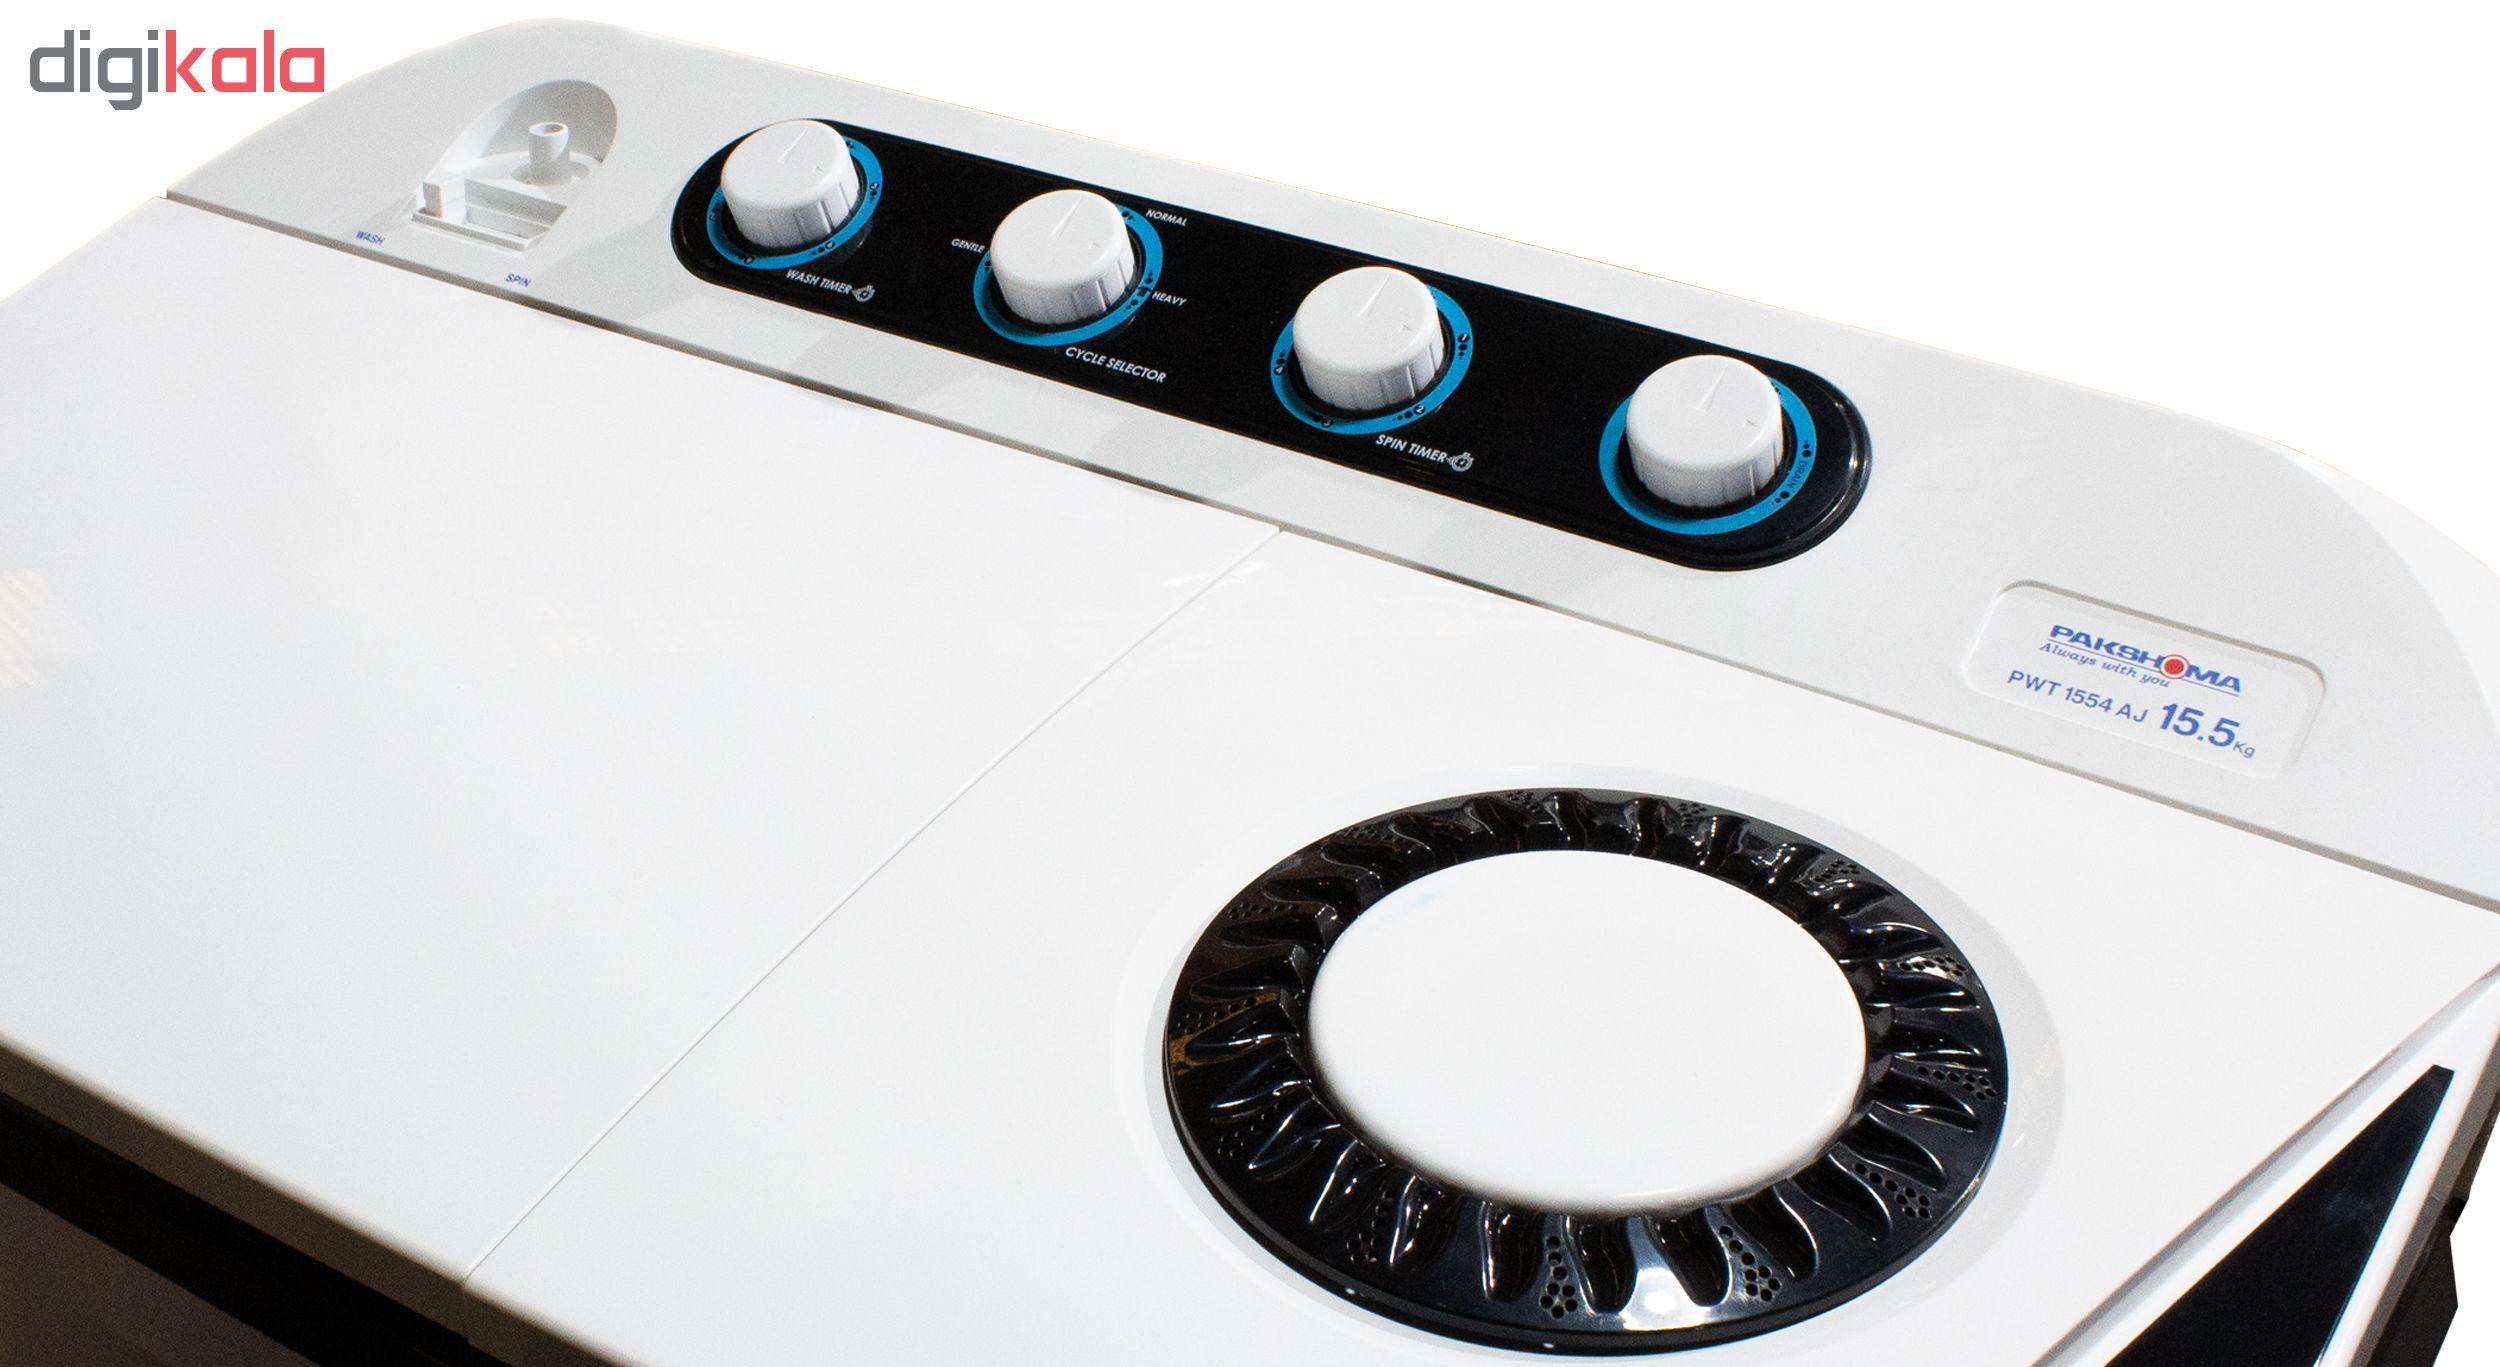 ماشین لباسشویی پاکشوما مدل PWT-1554AJ ظرفیت 15.5 کیلوگرم main 1 4